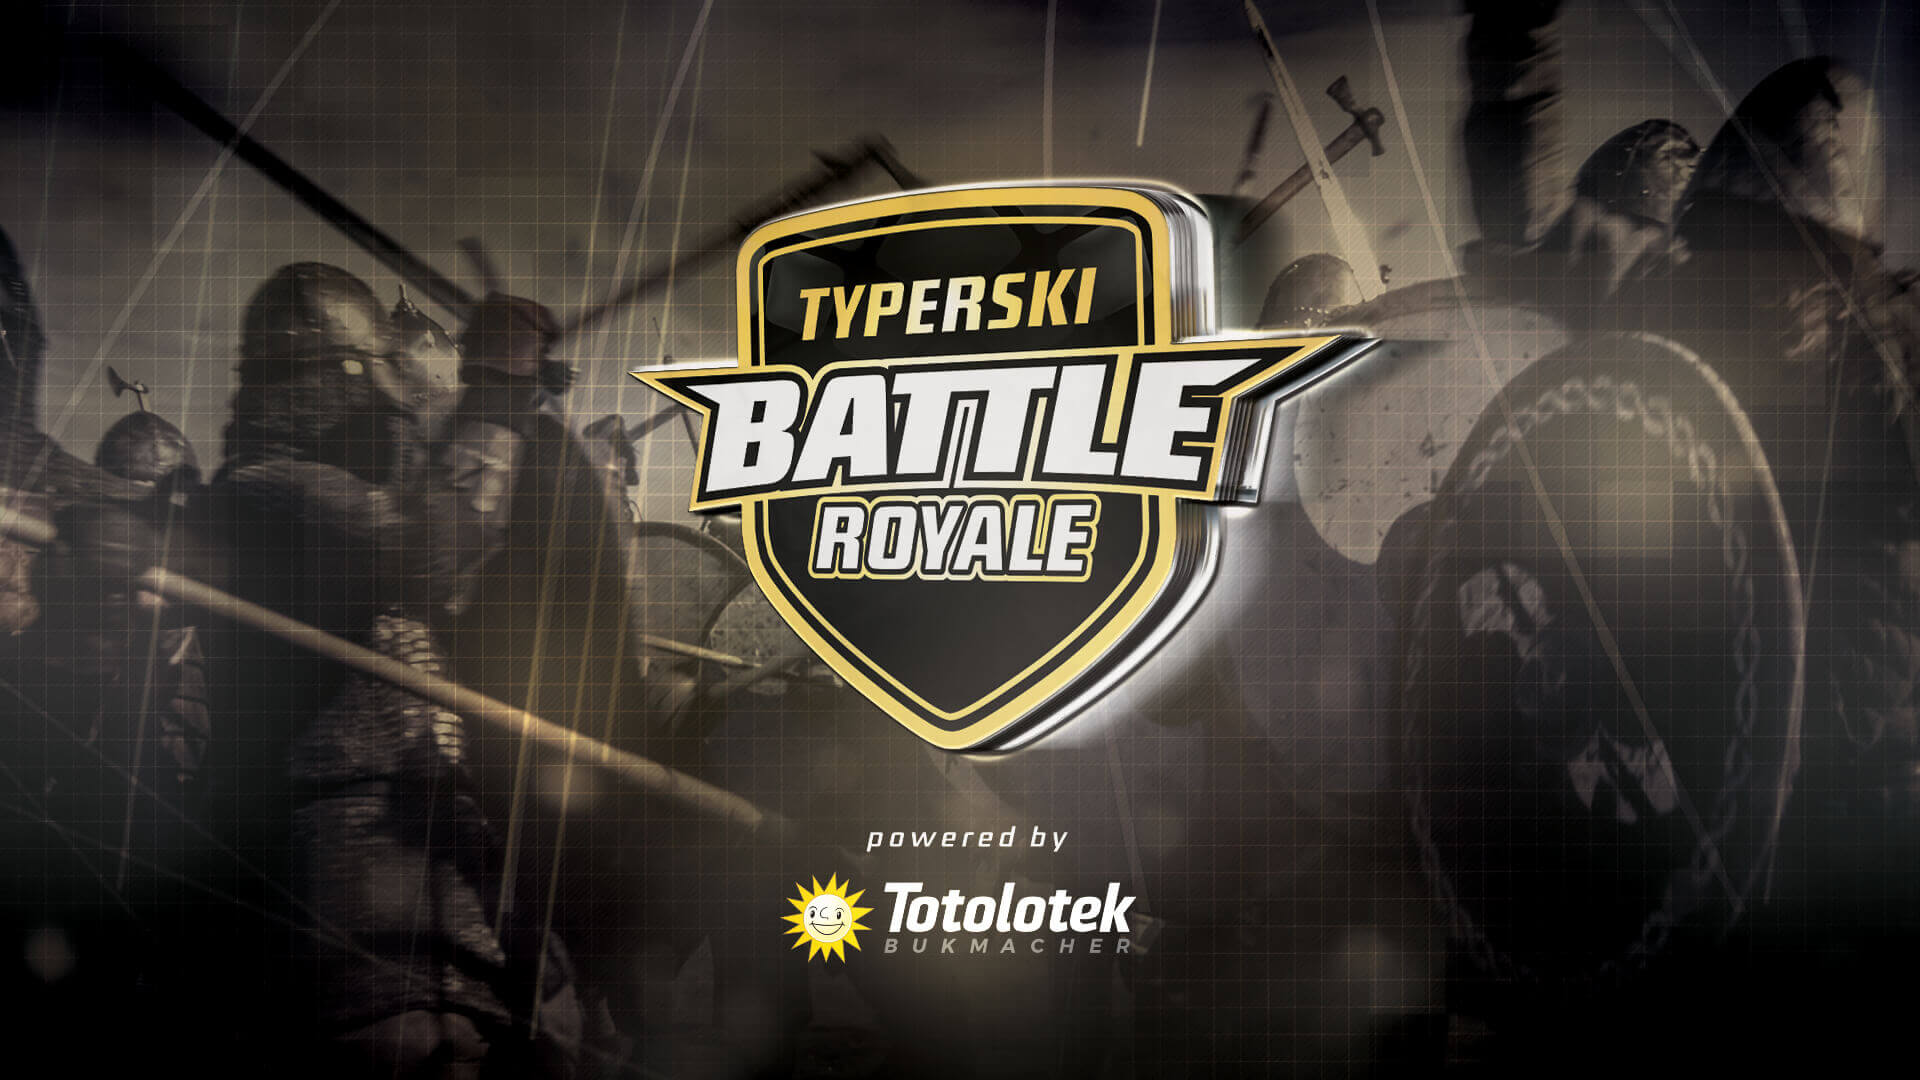 Typerski Battle Royale od Totolotka